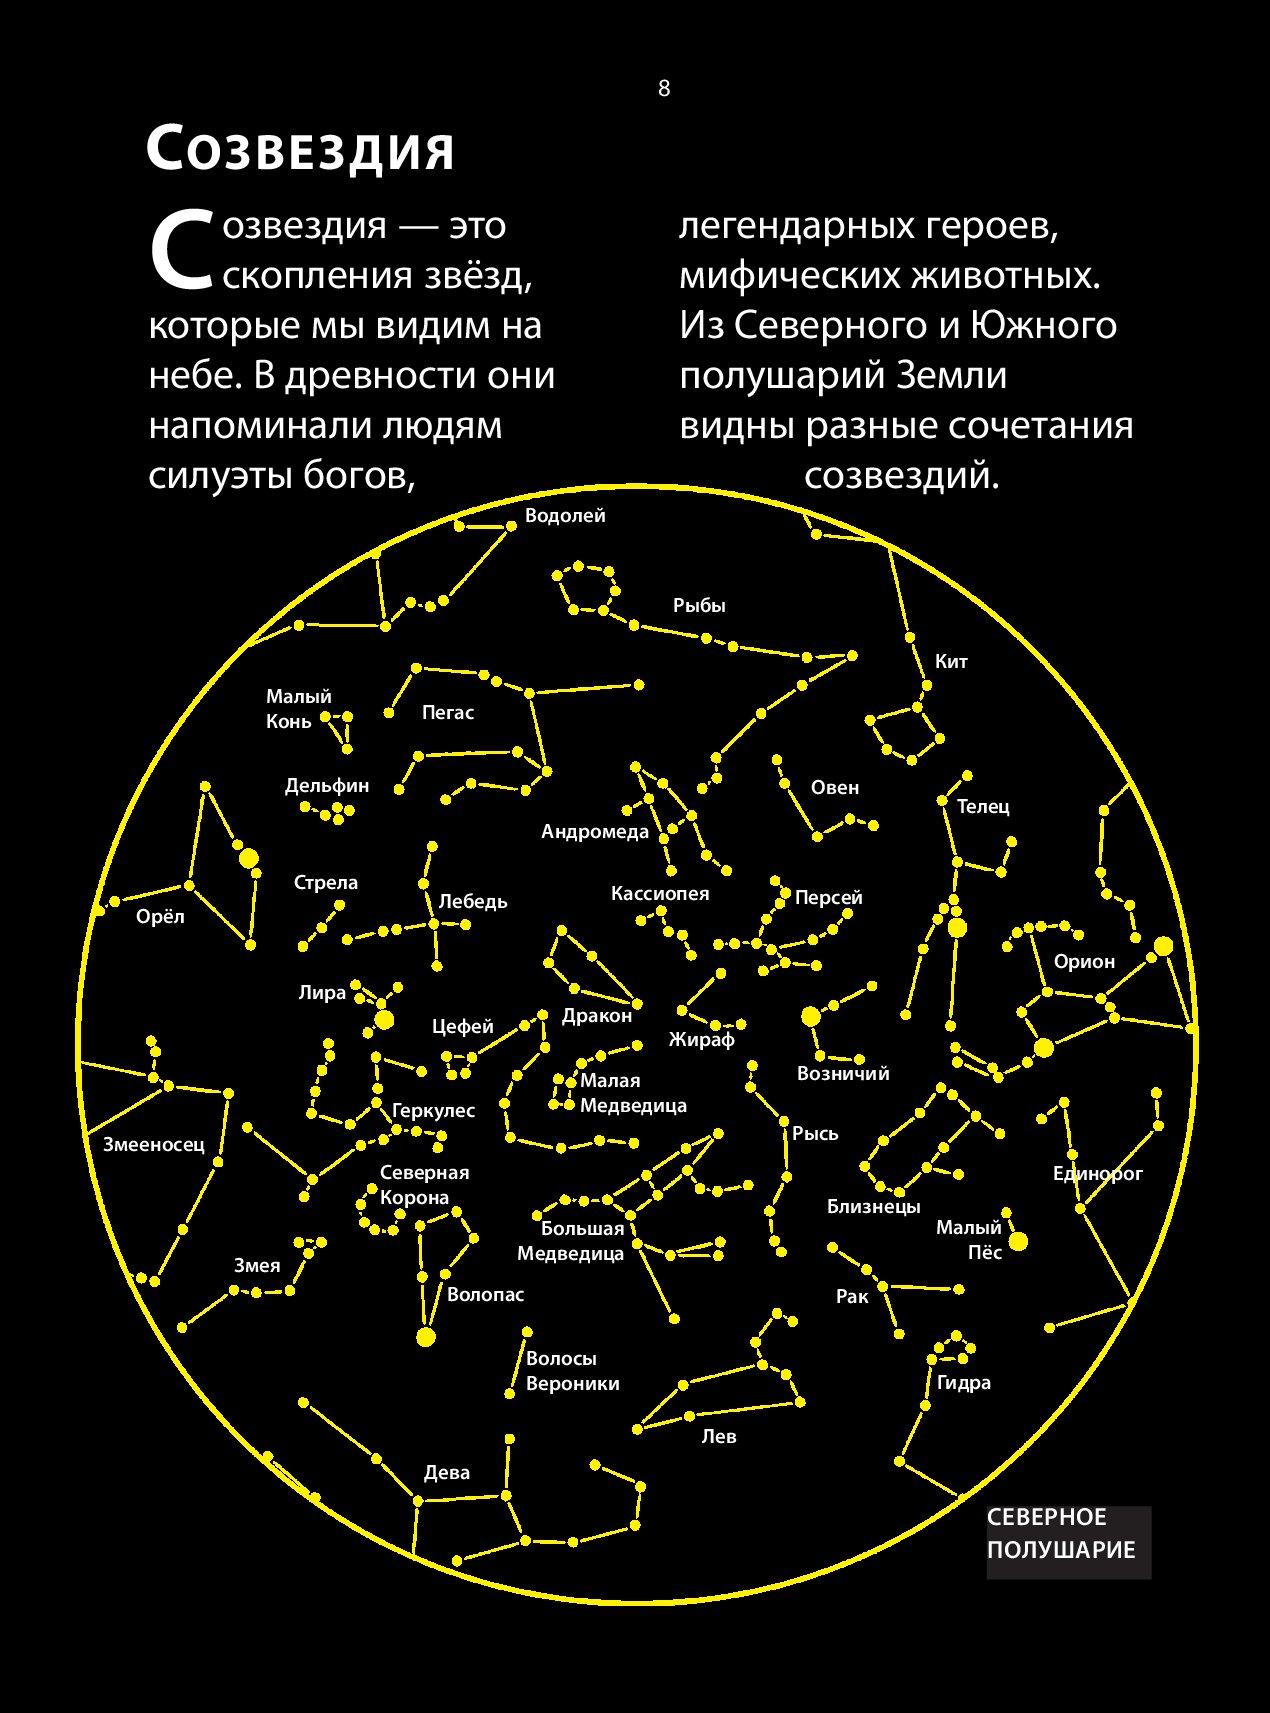 картинки все созвездия северное полушарие холодильники даже вытяжка